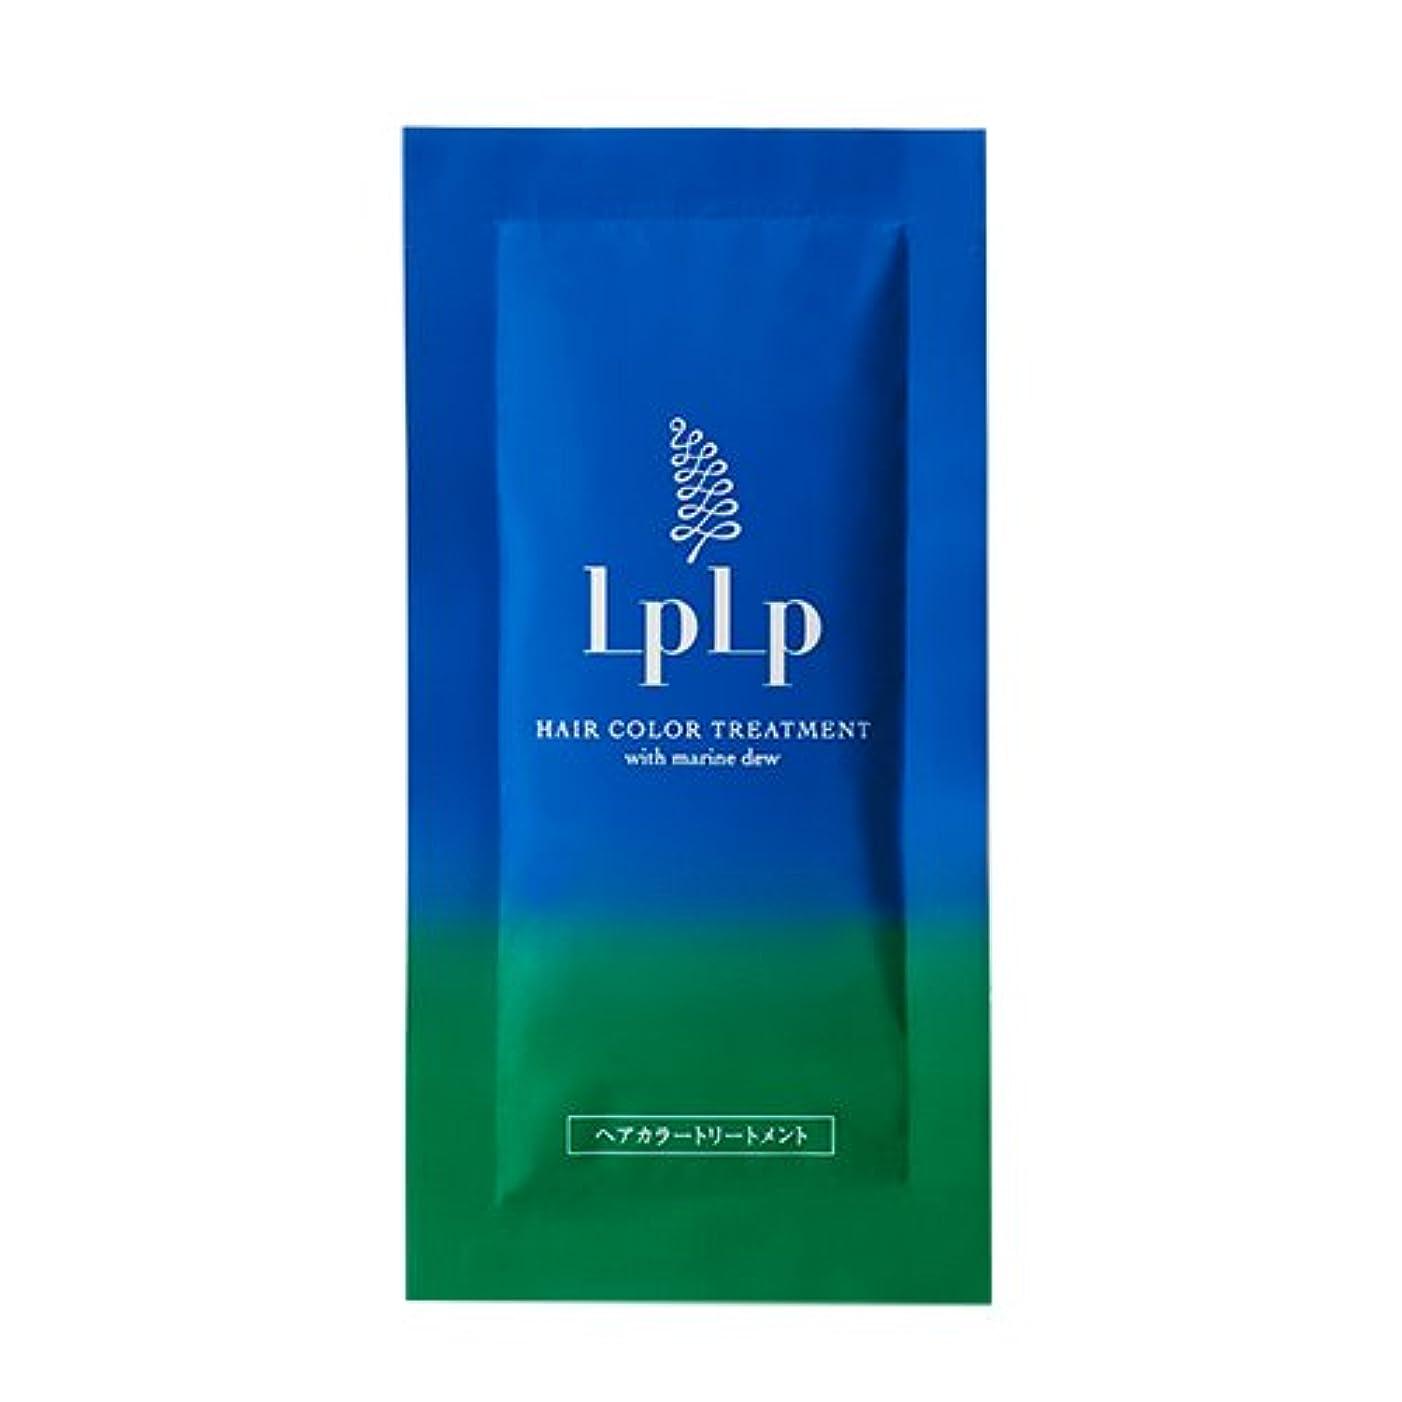 強調オーナメントアフリカLPLP(ルプルプ)ヘアカラートリートメントお試しパウチ ダークブラウン